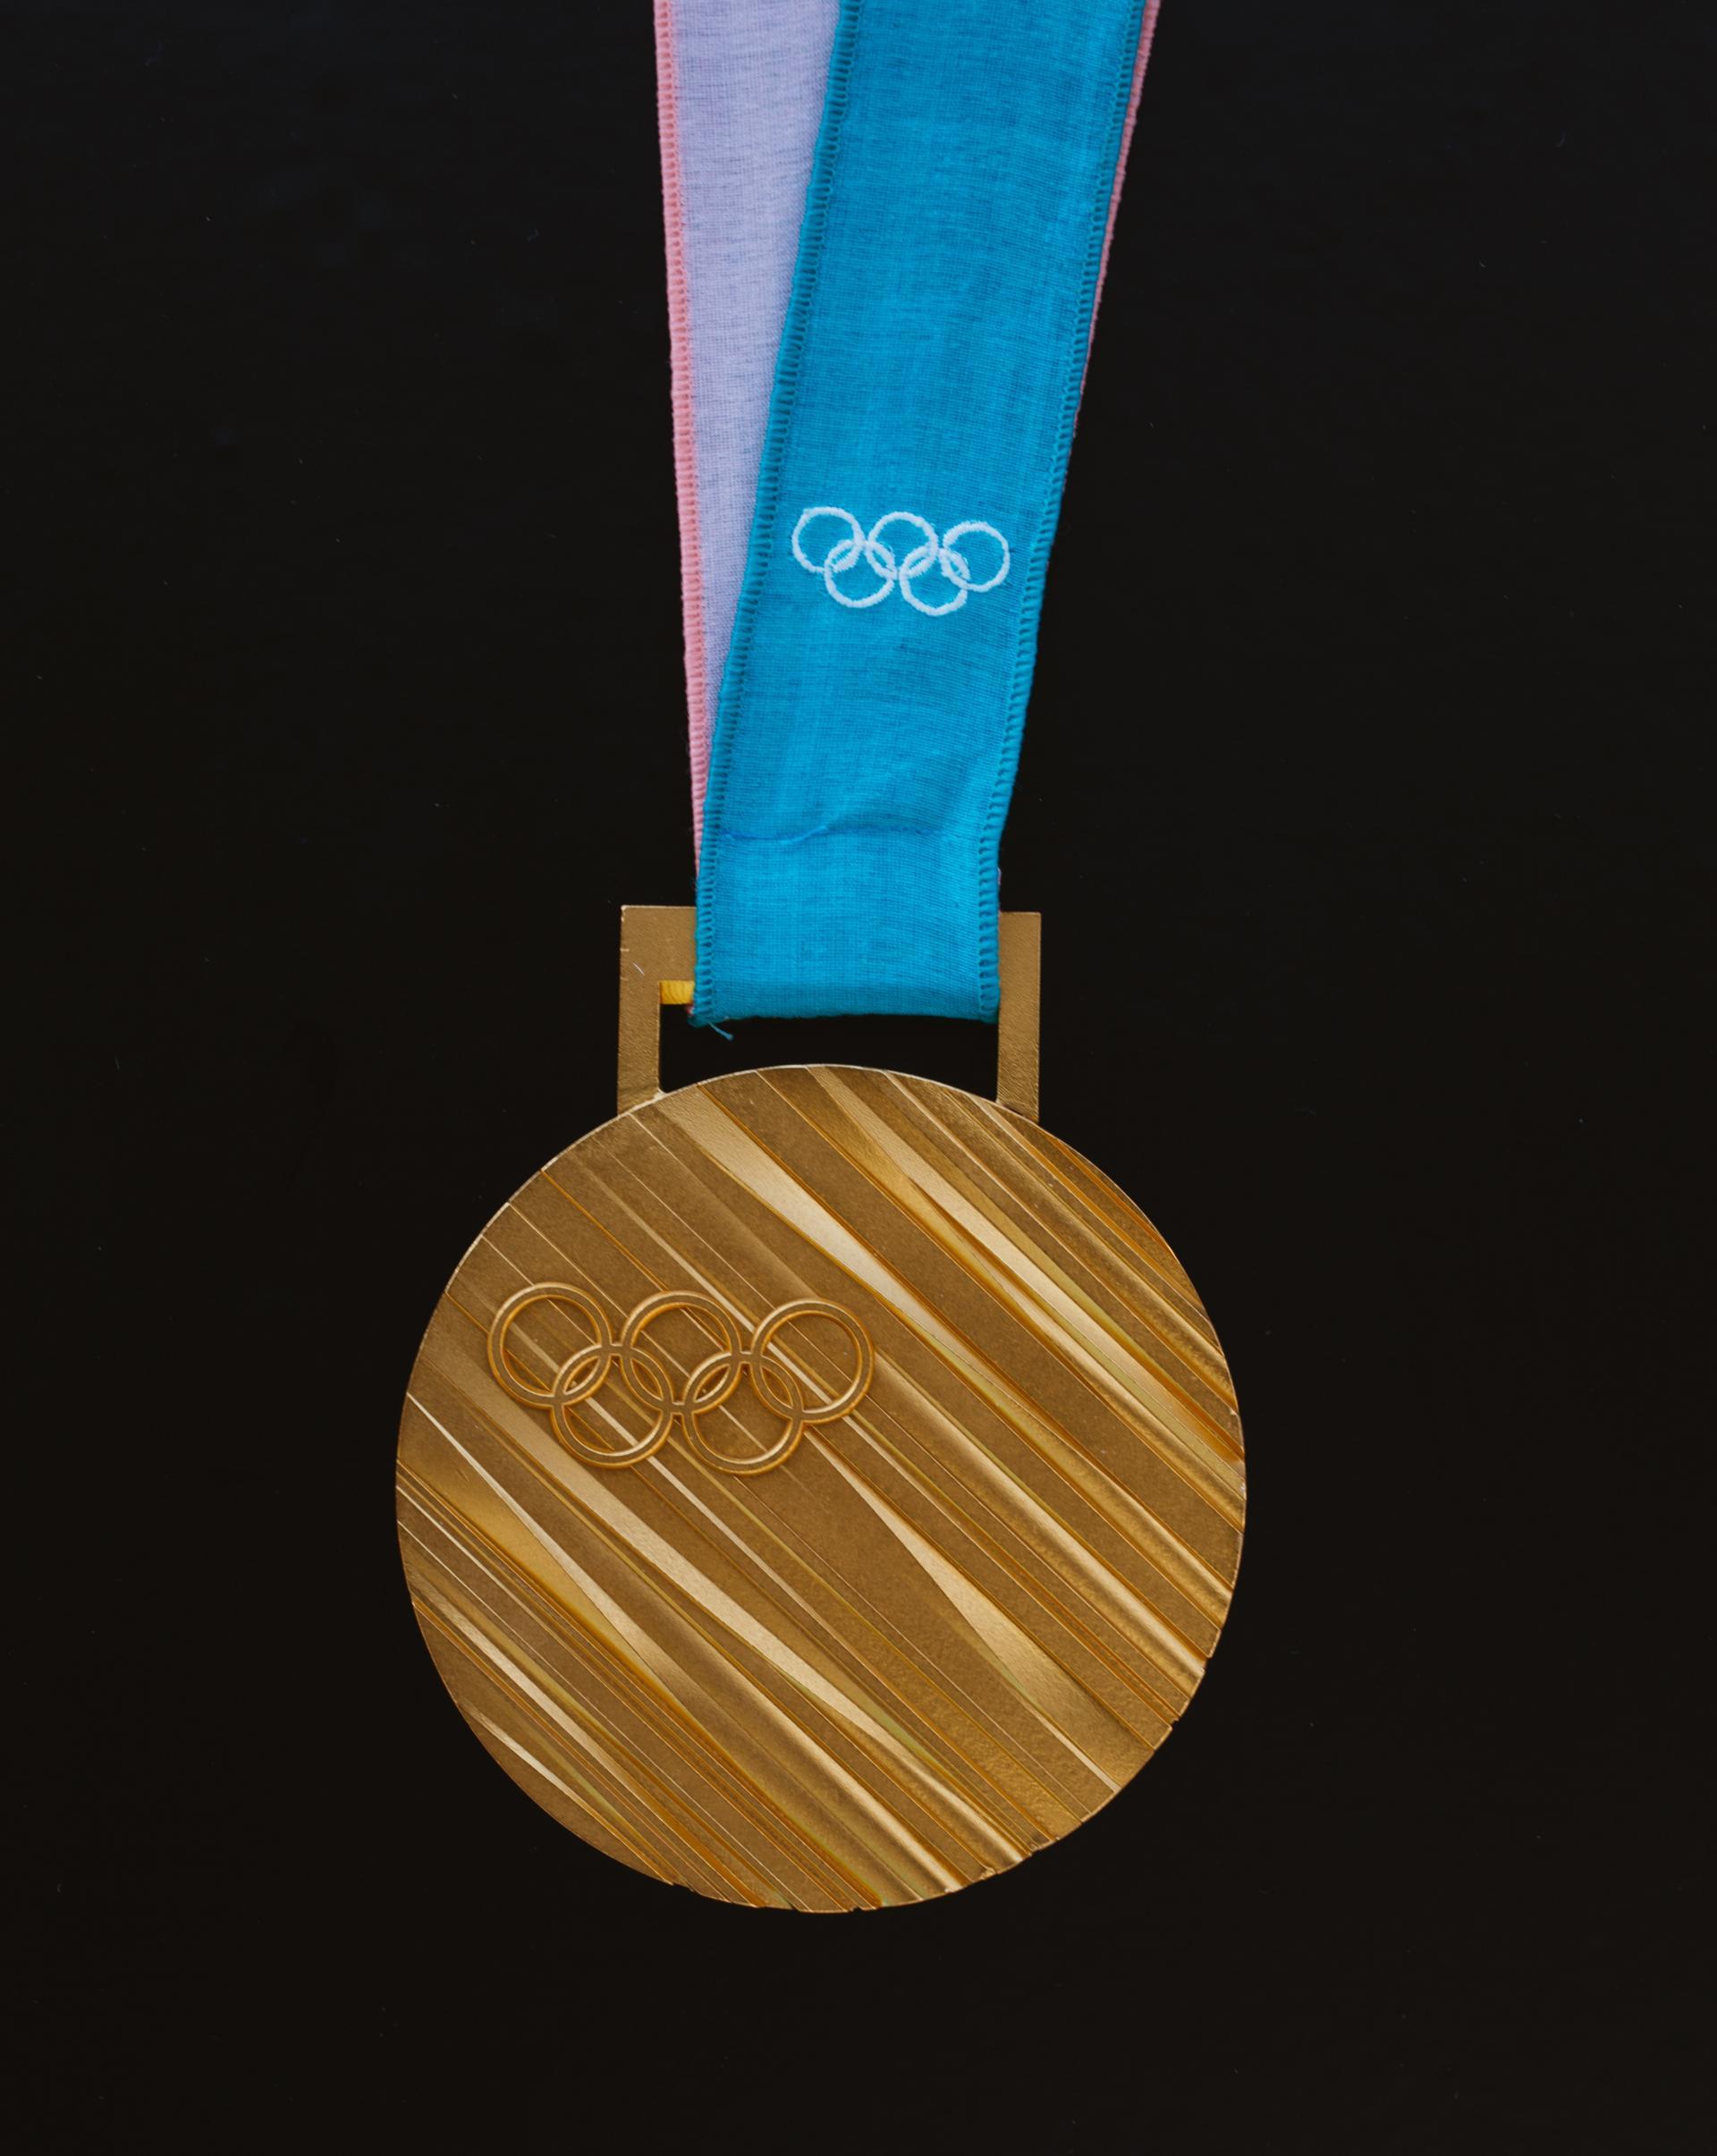 Olimpiadi invernali: confermato l'attacco hacker durante la cerimonia di apertura